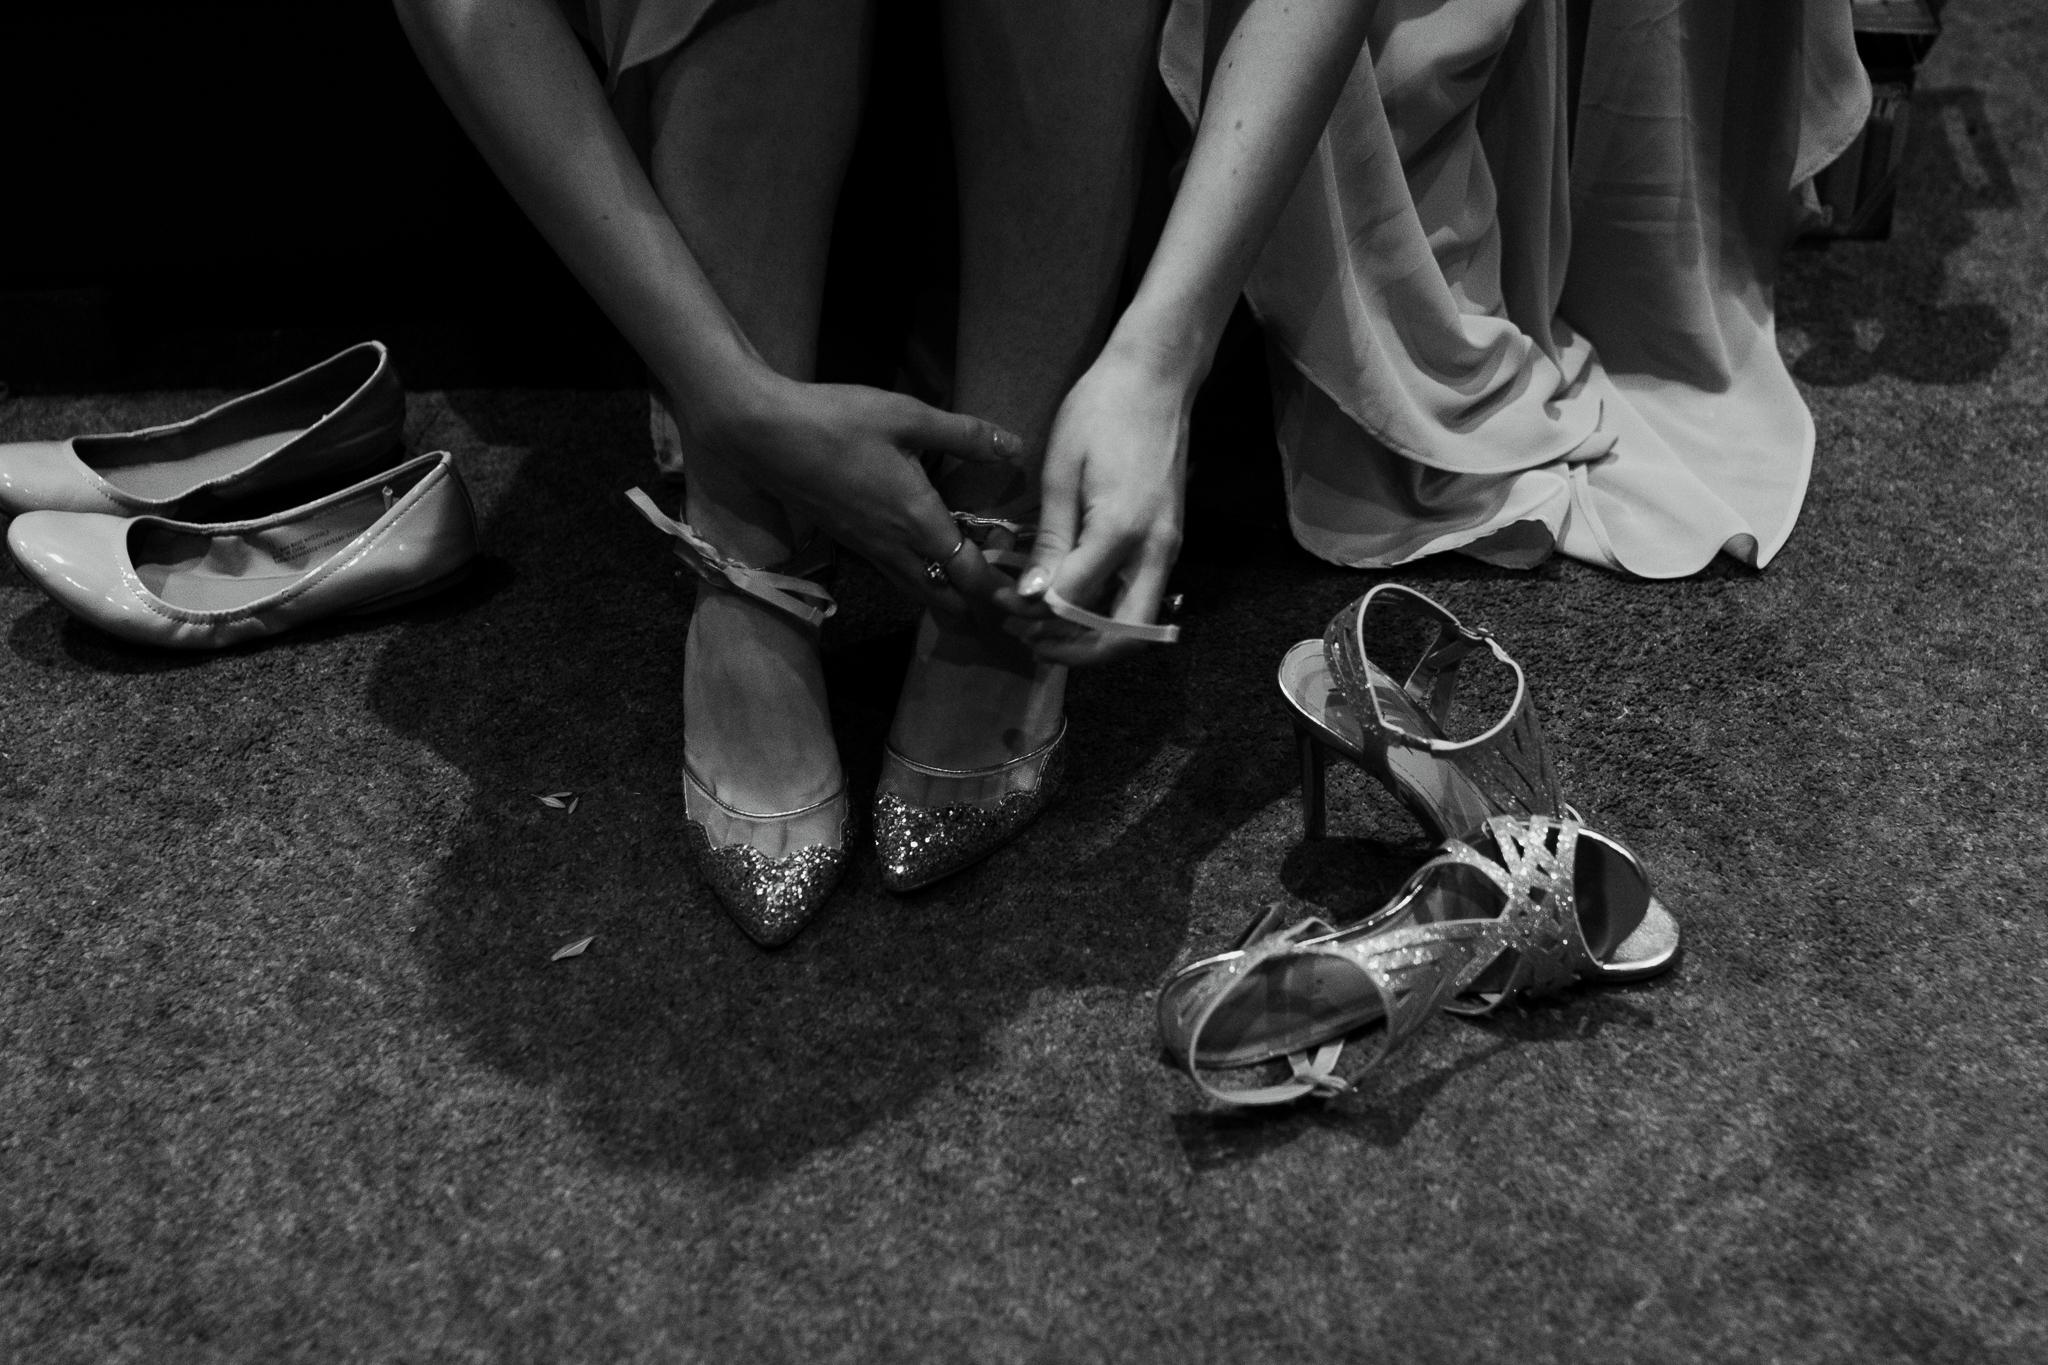 columbia-sc-wedding-photographer-winter-senates-end-downtown-15